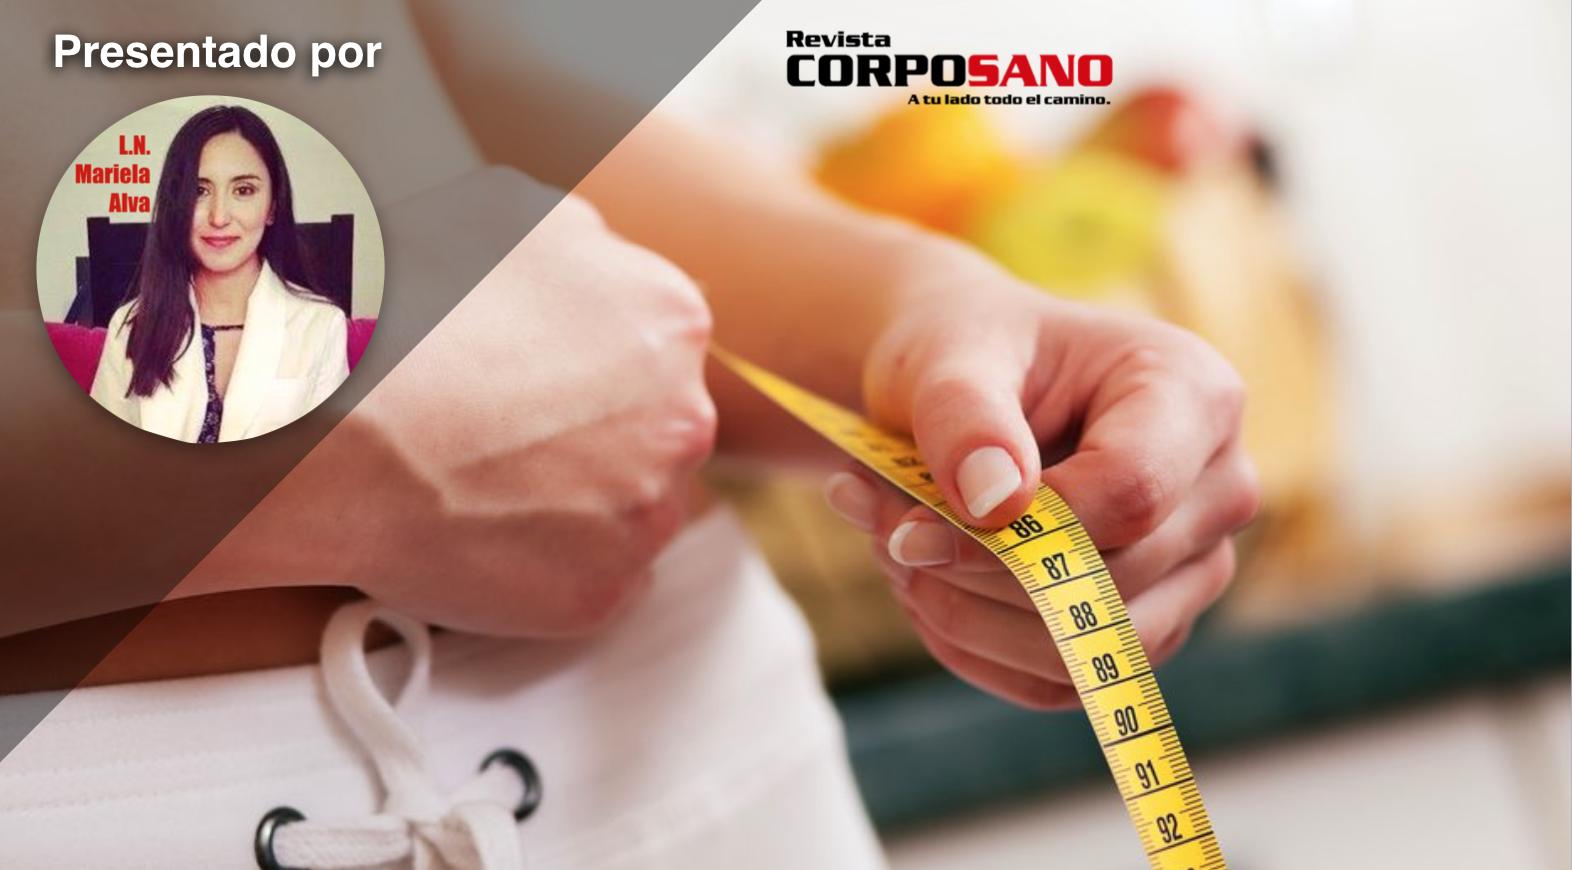 como reducir la grasa corporal rapido